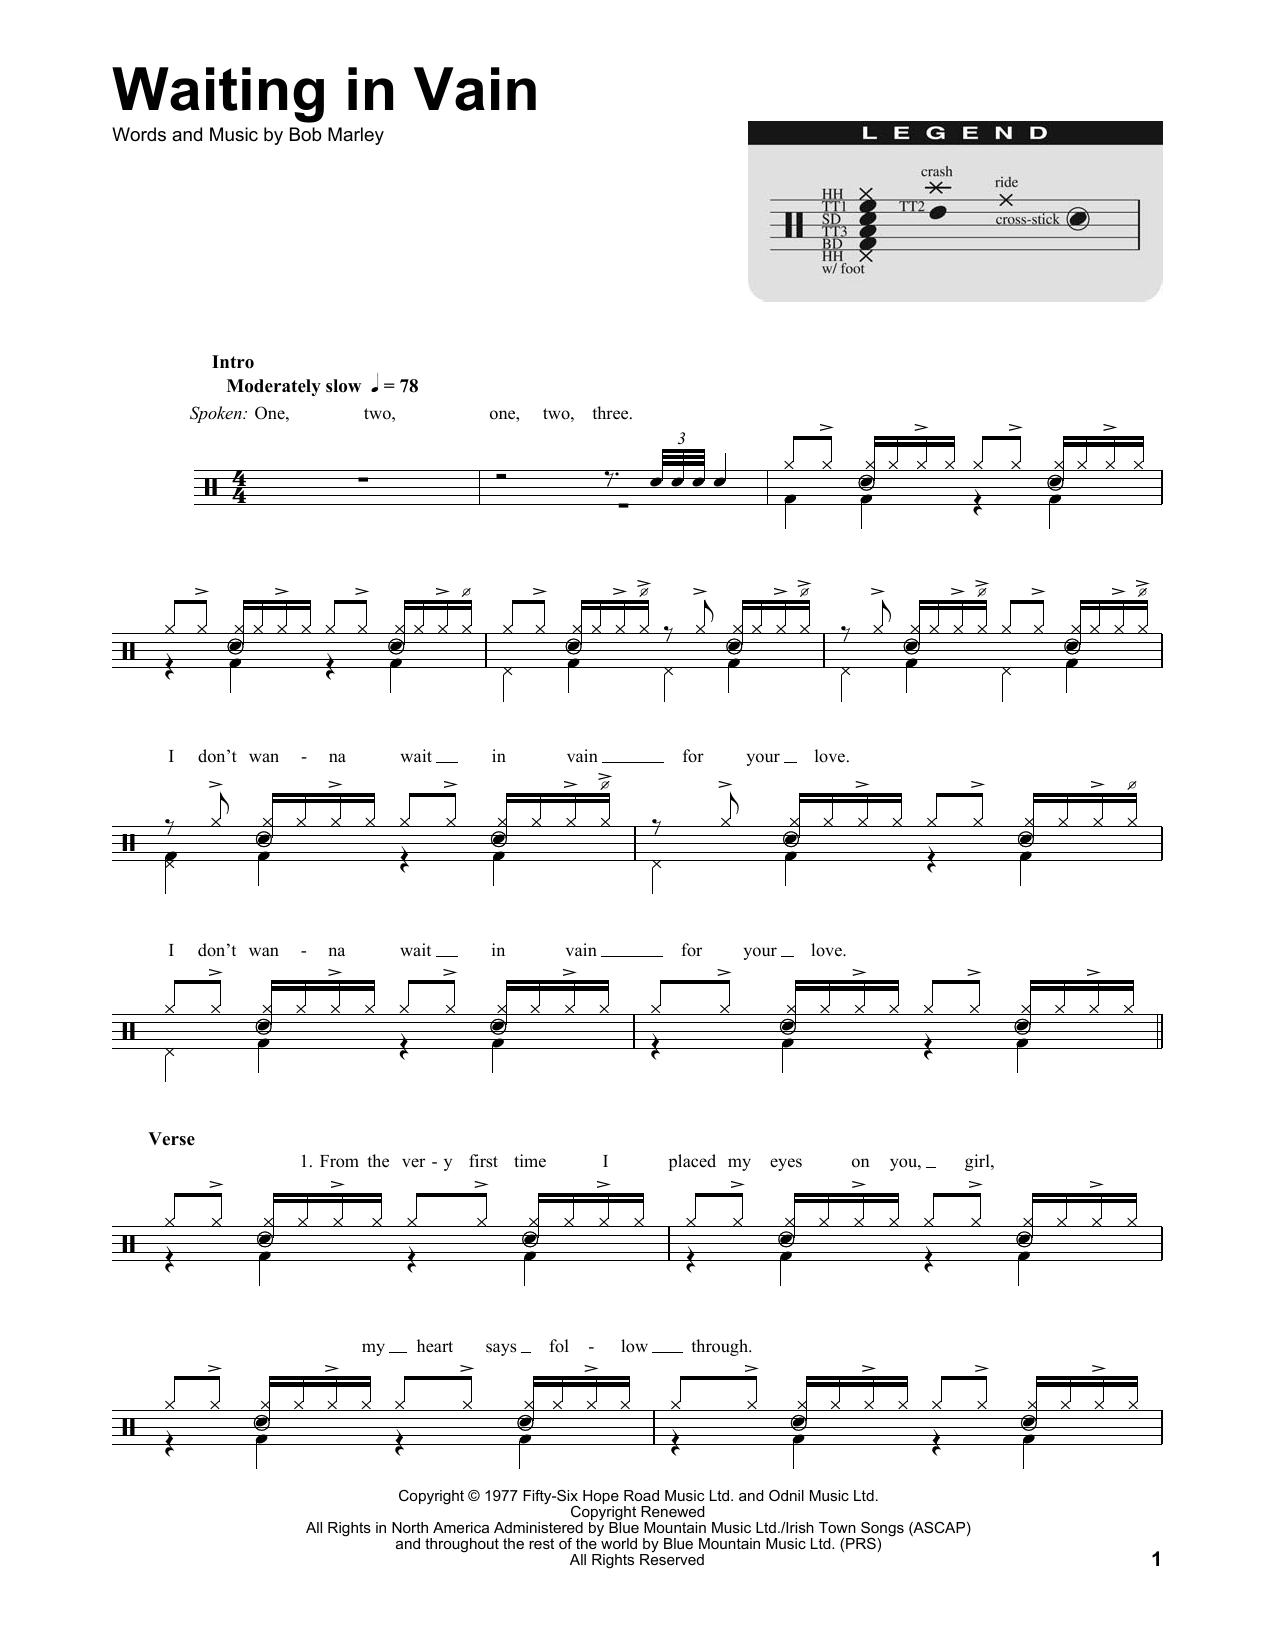 Bob Marley Waiting In Vain Sheet Music Notes Chords Printable